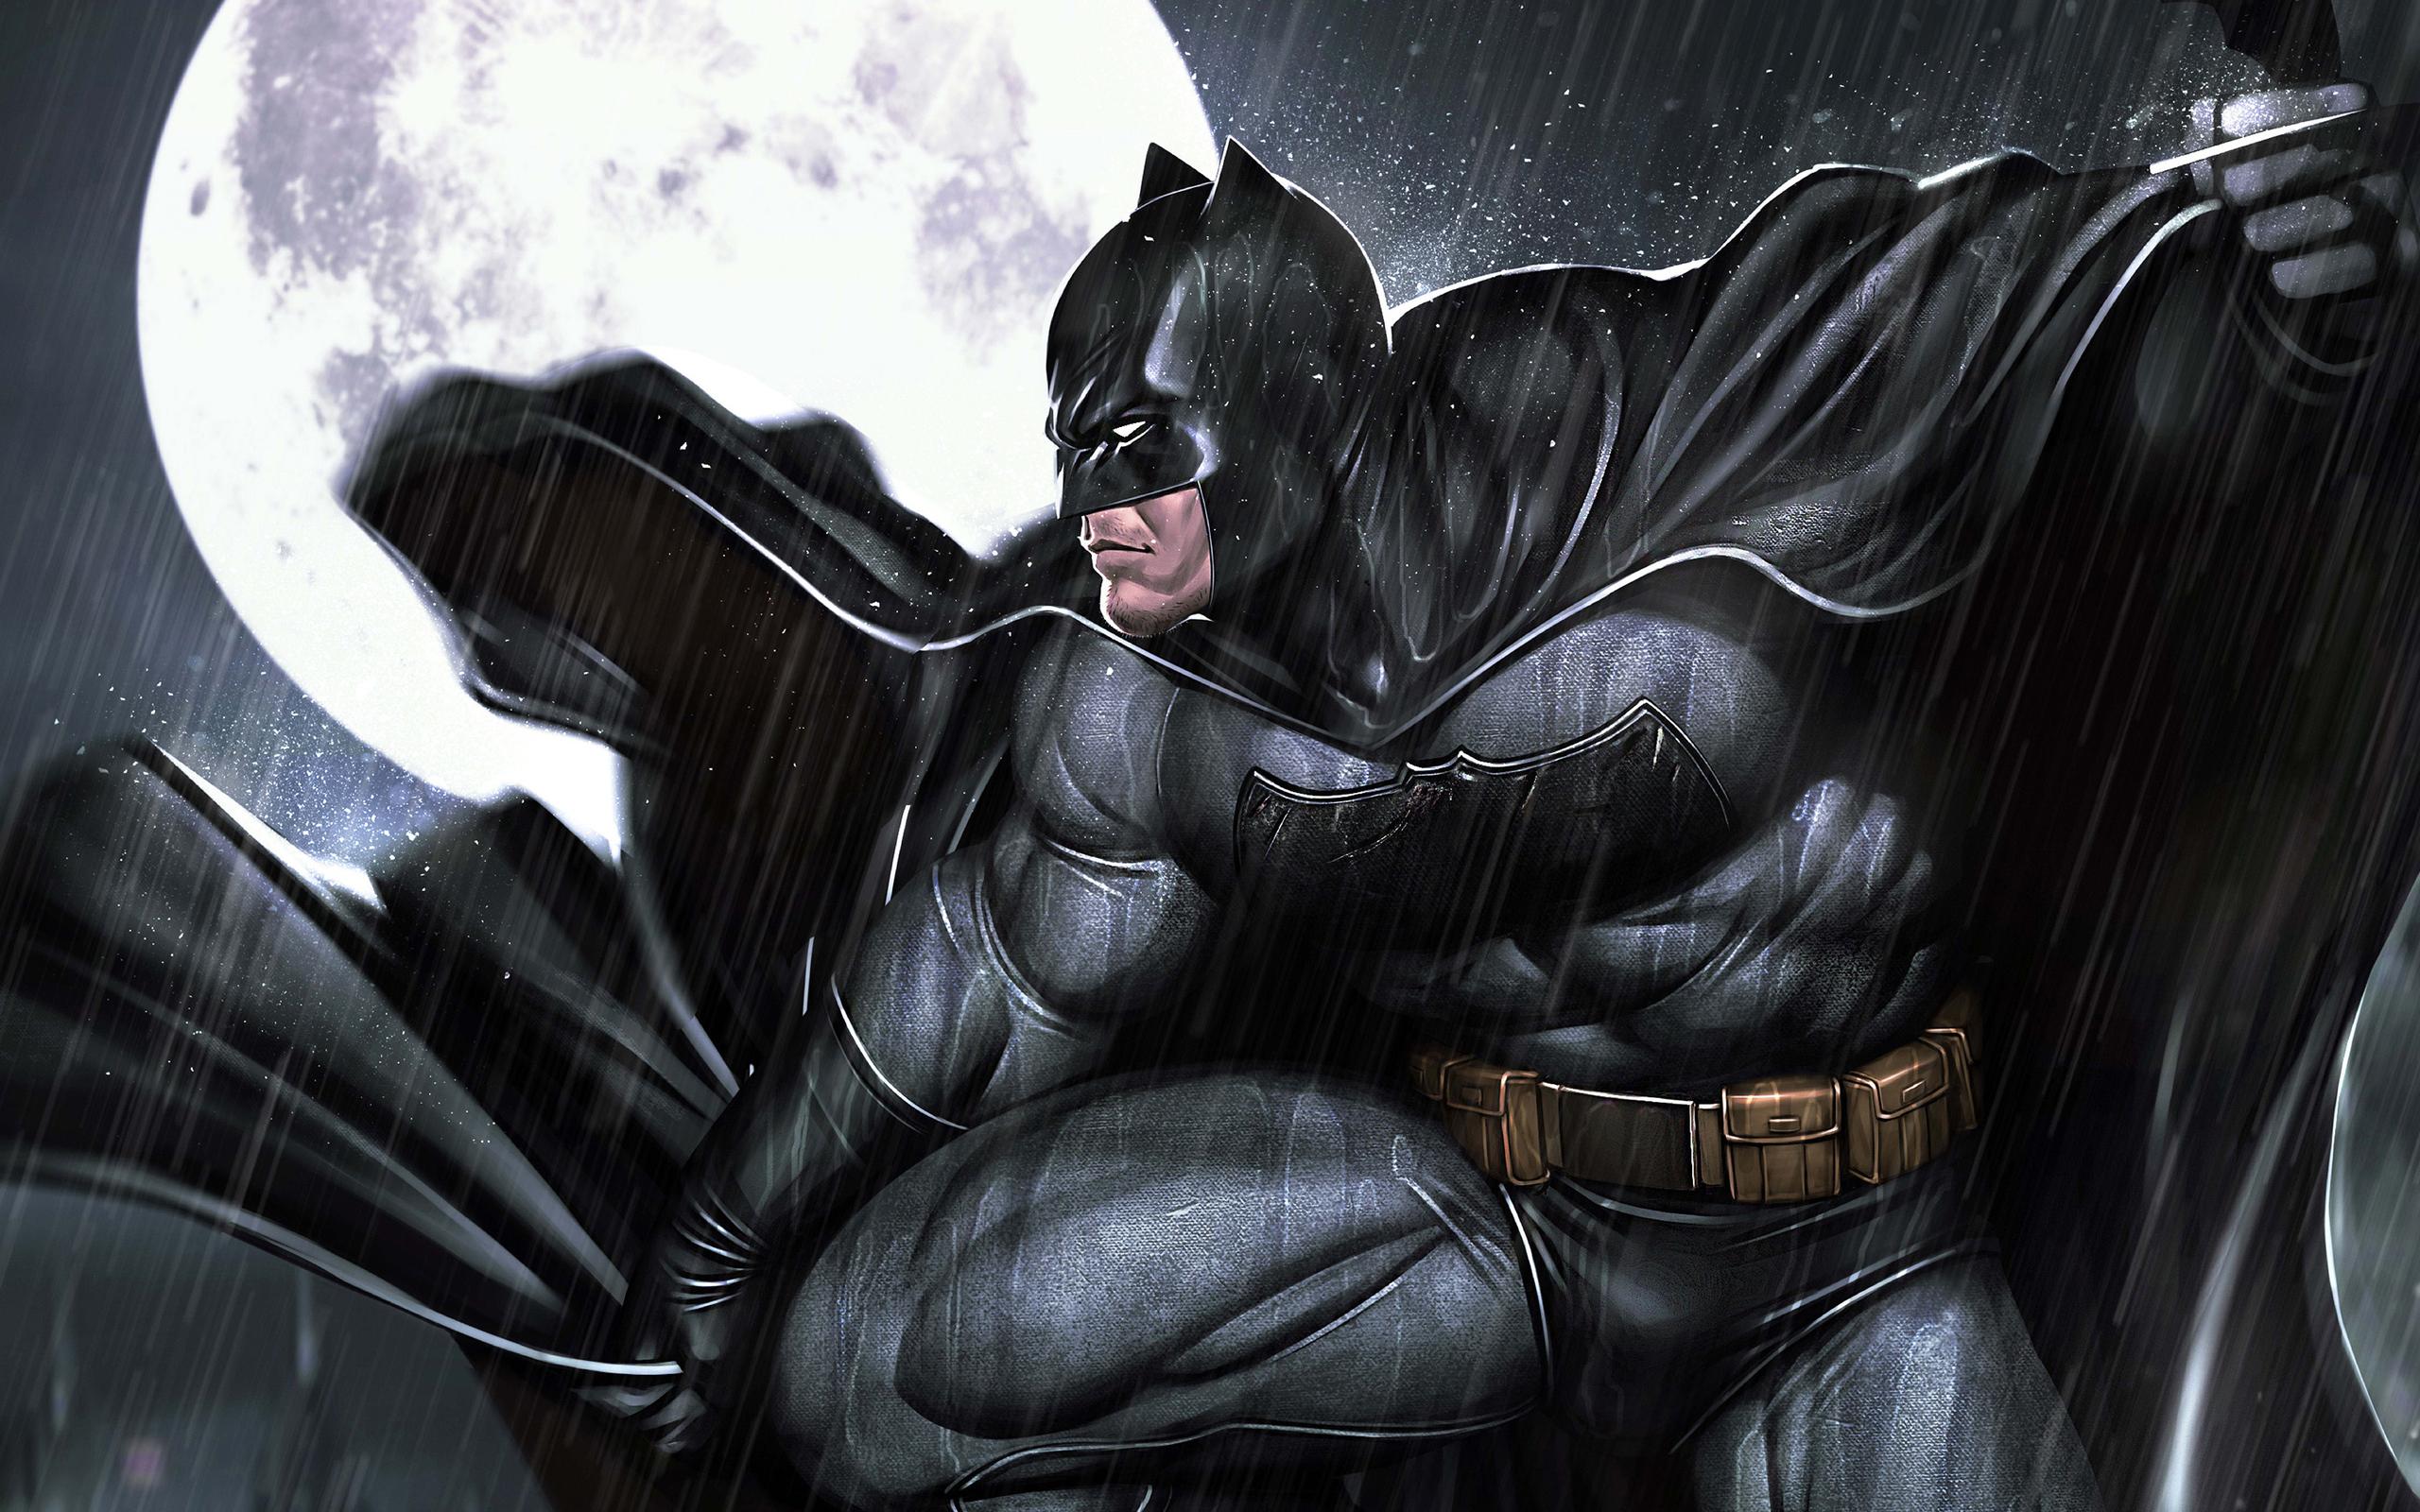 2560x1600 Batman 4k Gotham Art 2560x1600 Resolution HD 4k ...